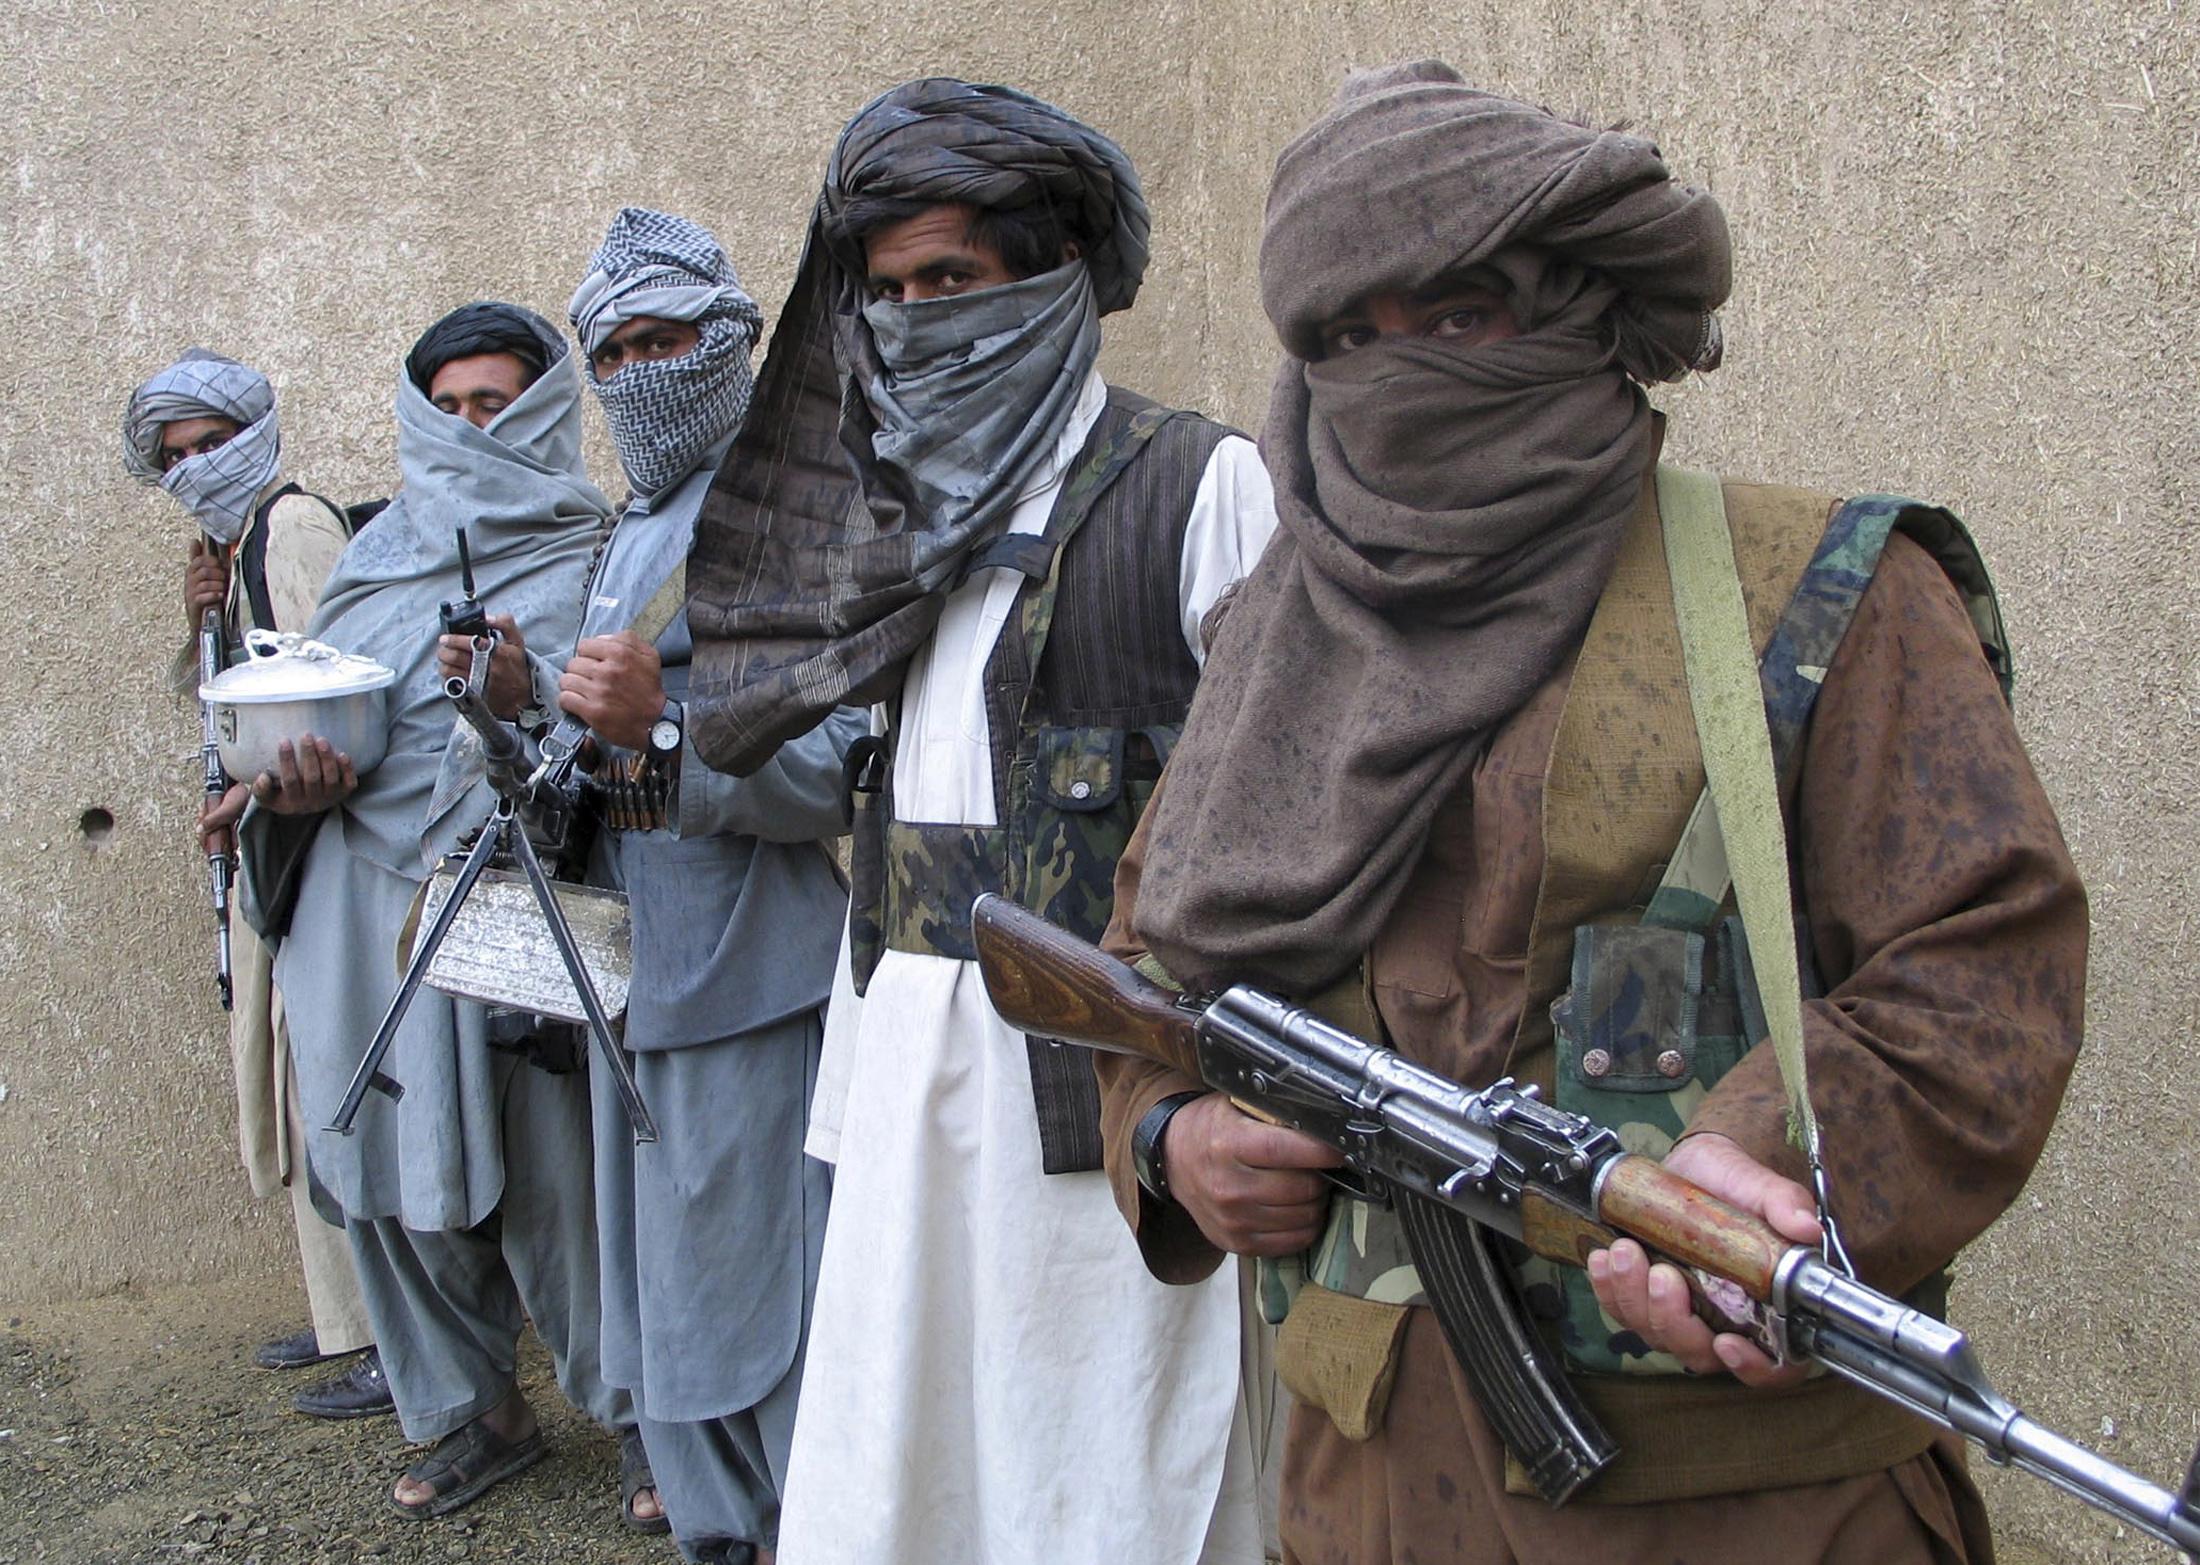 حركة طالبان الأفغانية تجتمع لاختيار خليفة للملا منصور